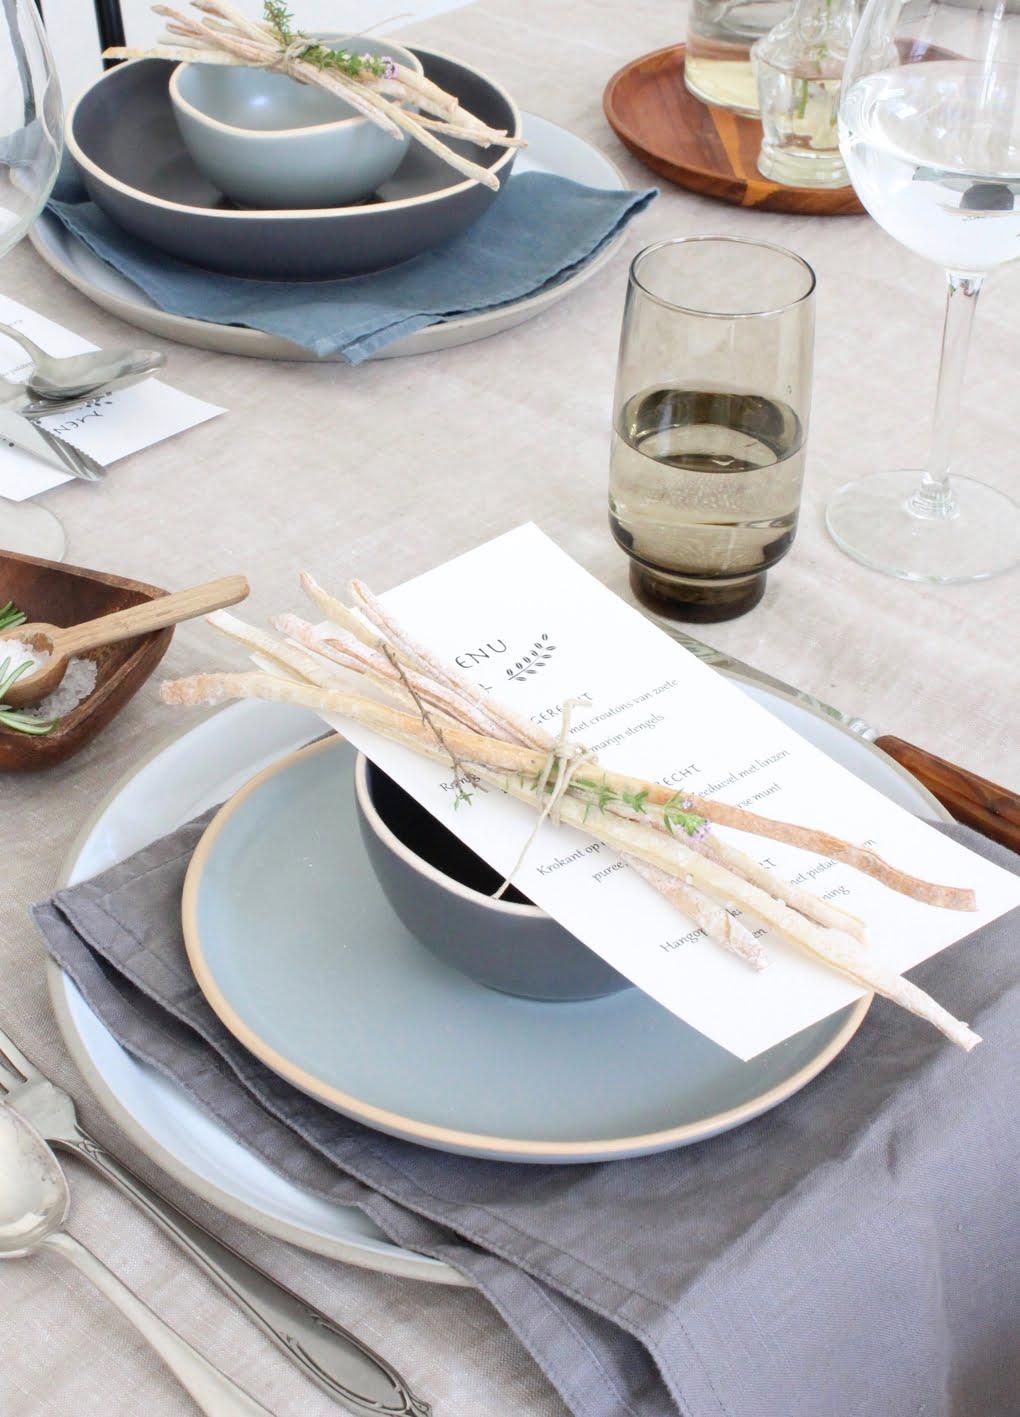 grissini's met menu